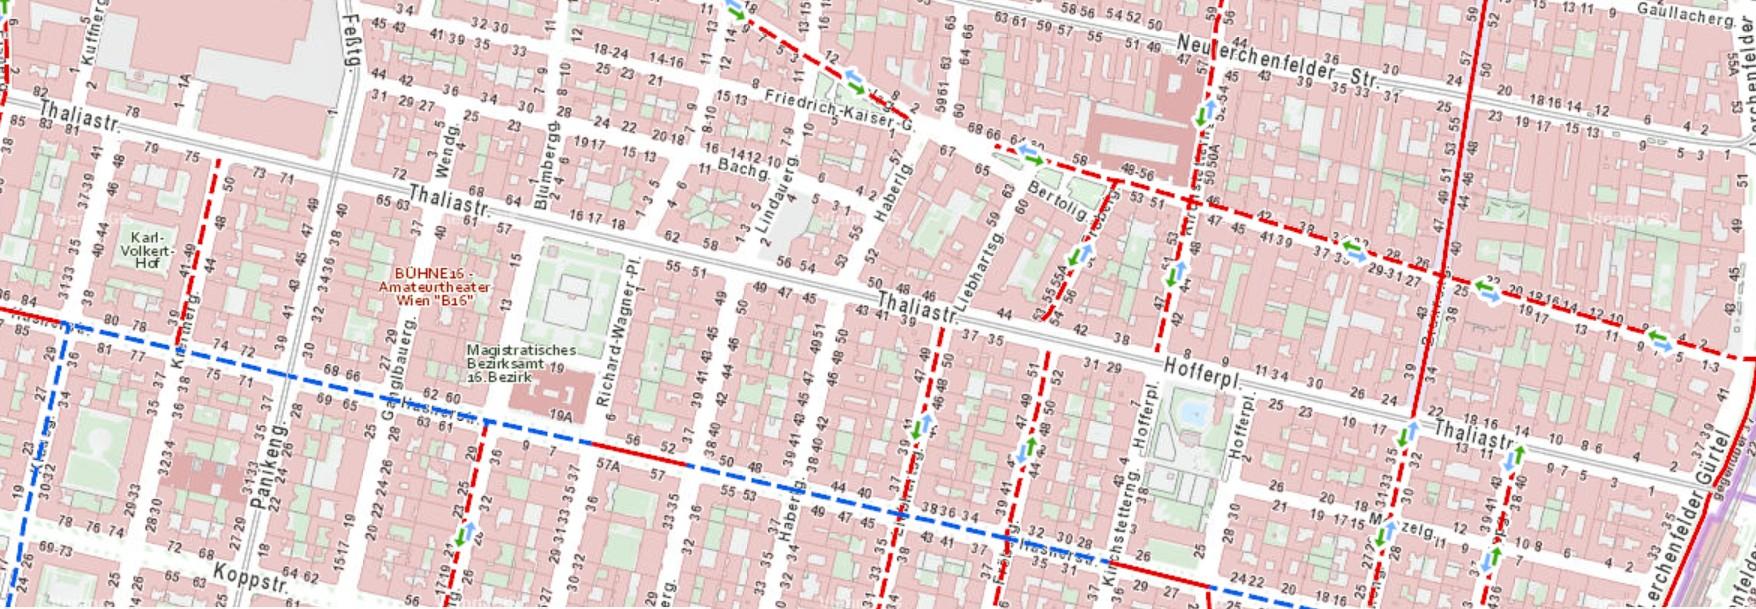 Ausschnitt aus dem Stadtplan Wien mit Radverkehrsanlagen und geöffneten Einbahnen